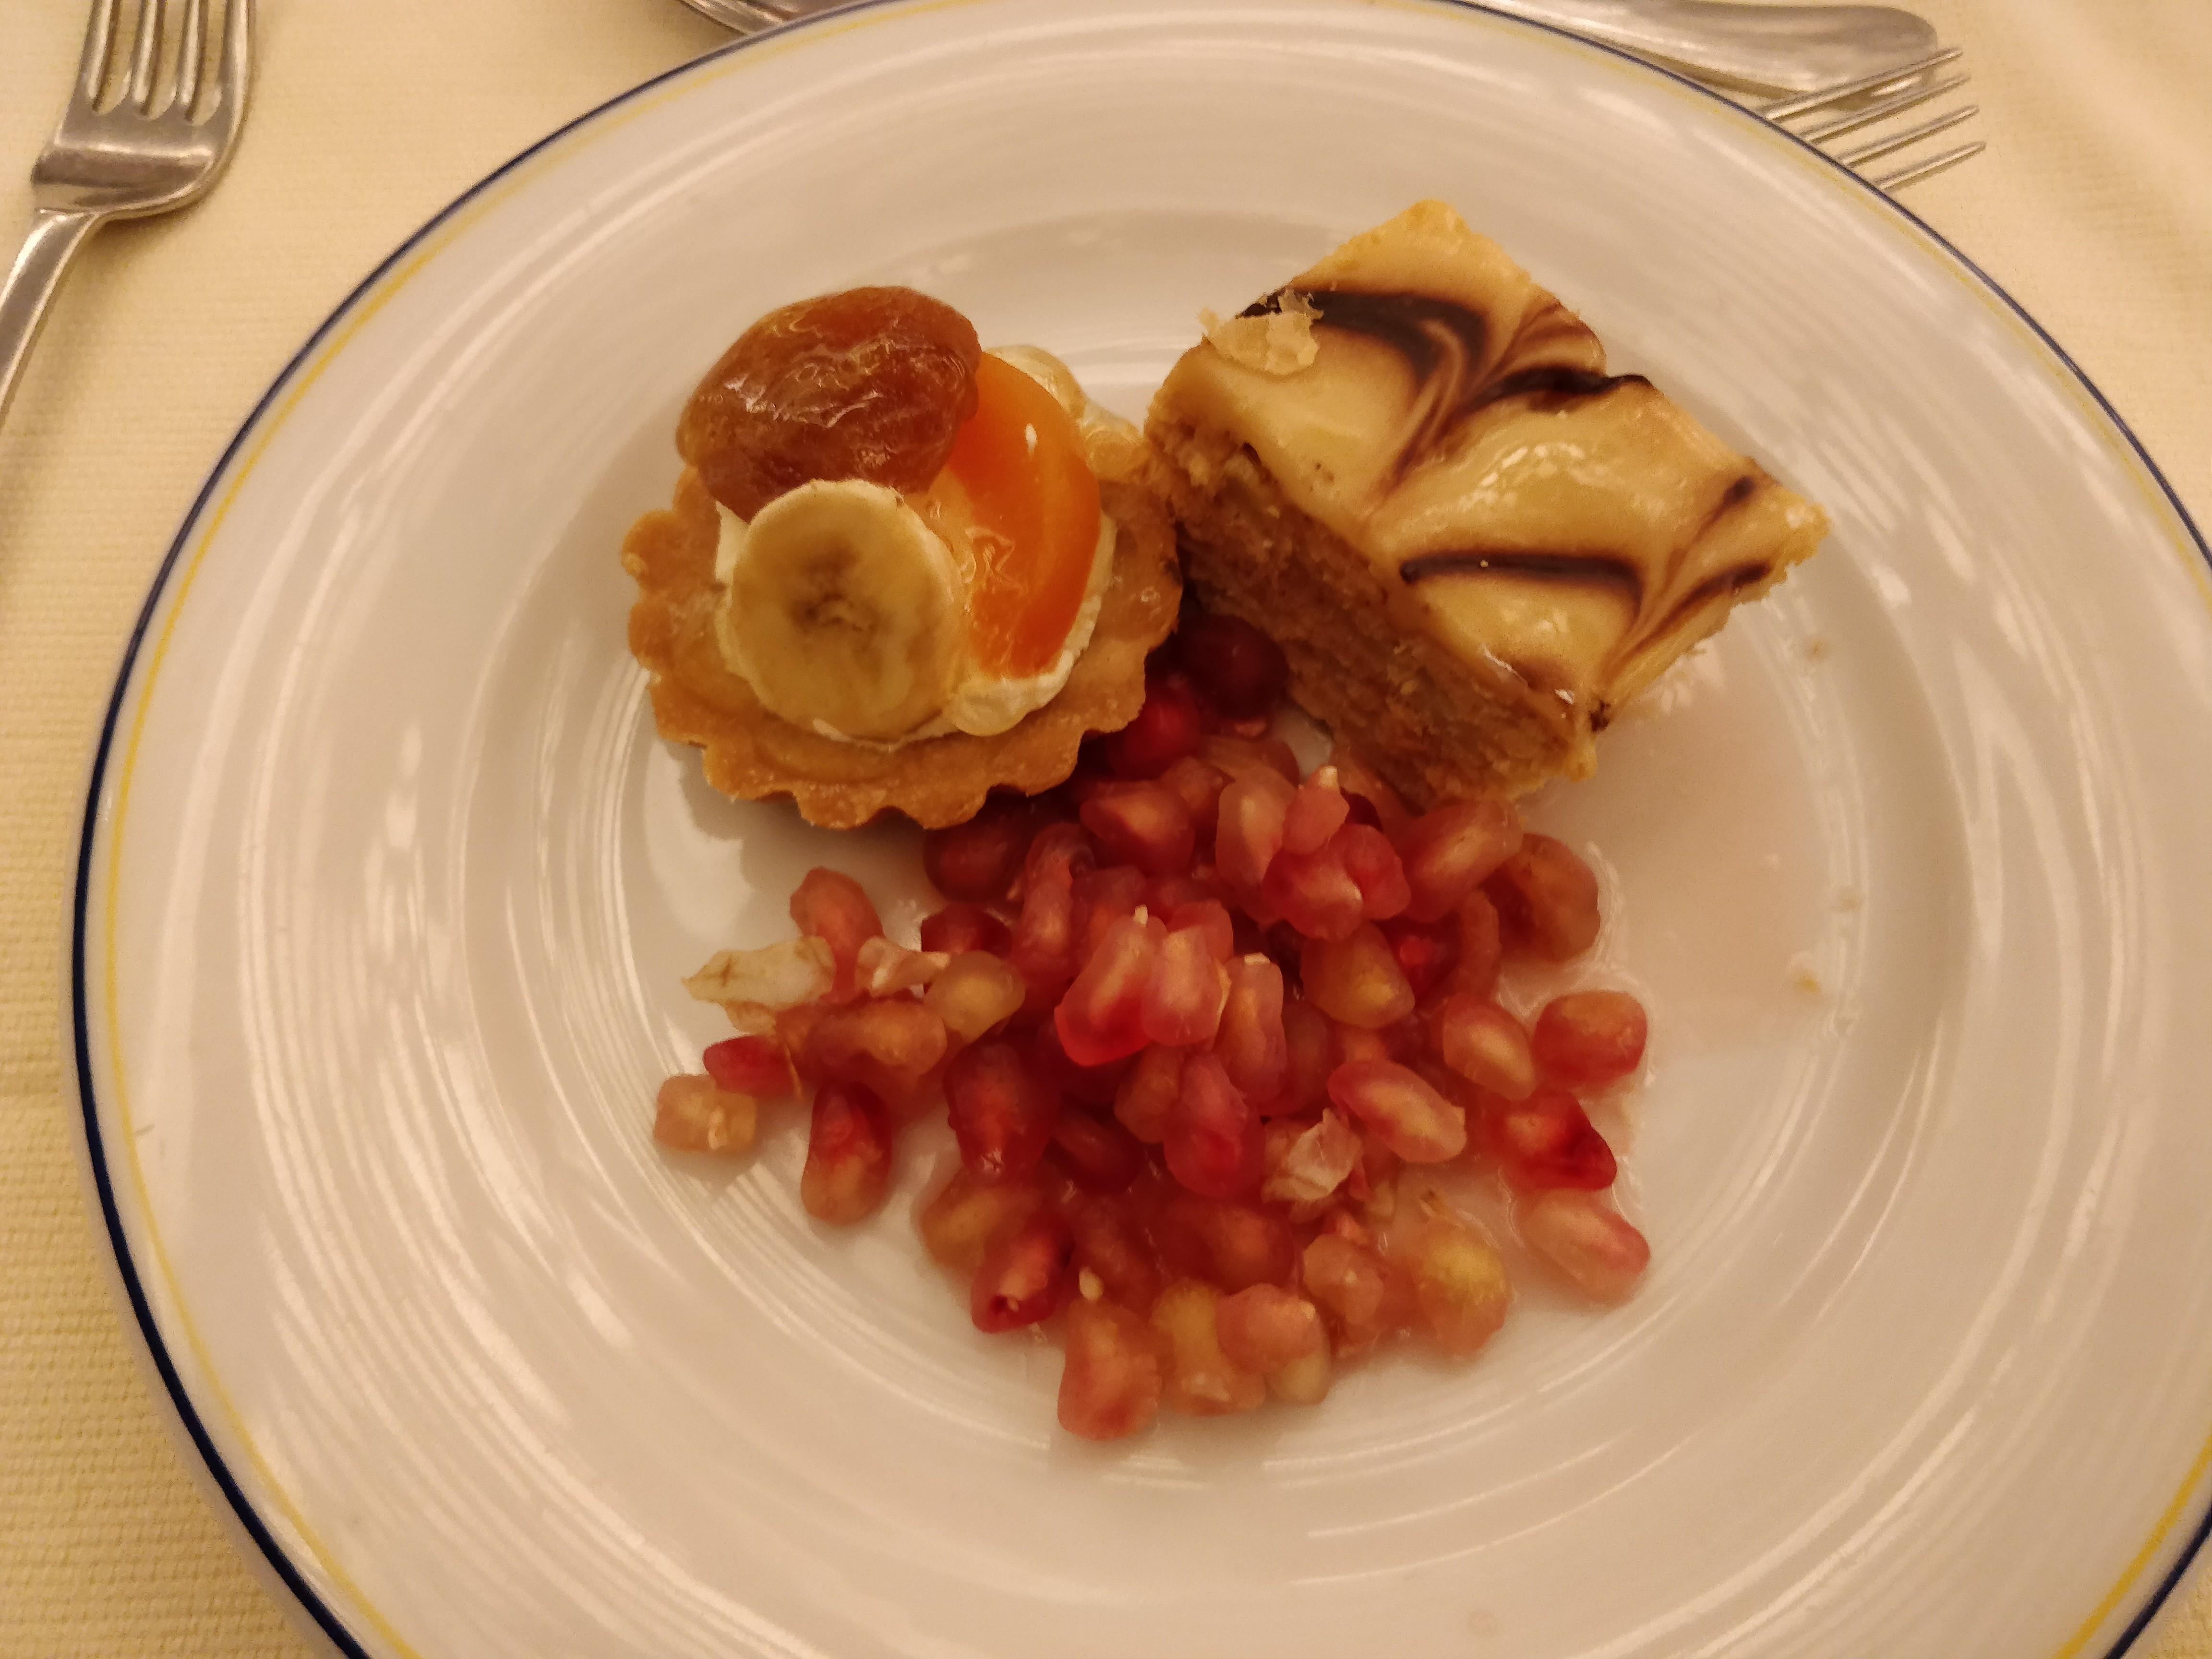 http://foodloader.net/nico_2018-10-28_royal-el-mansour-3.jpg